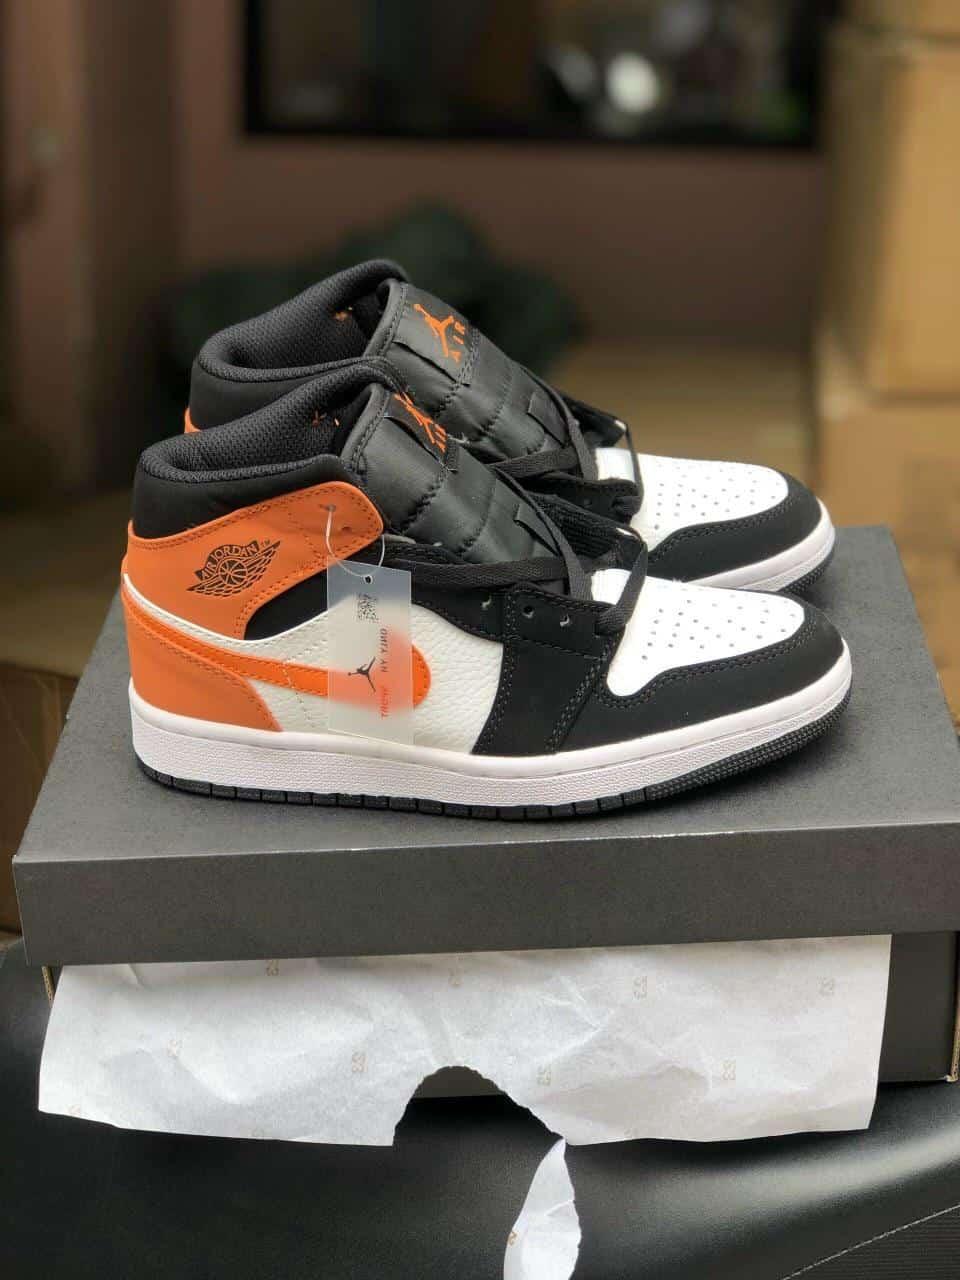 Giày Jordan 1 High Cam rep 1:1 có thiết kế độc đáo